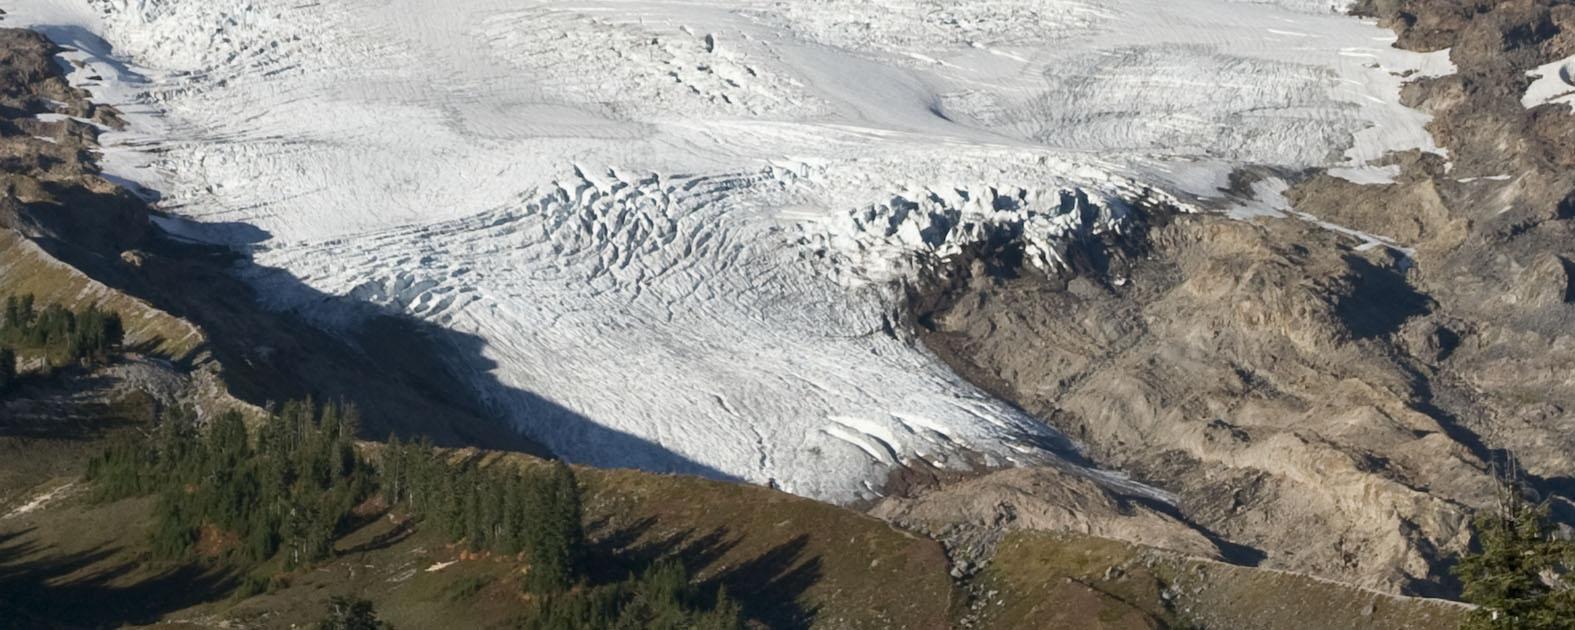 glaciershow6